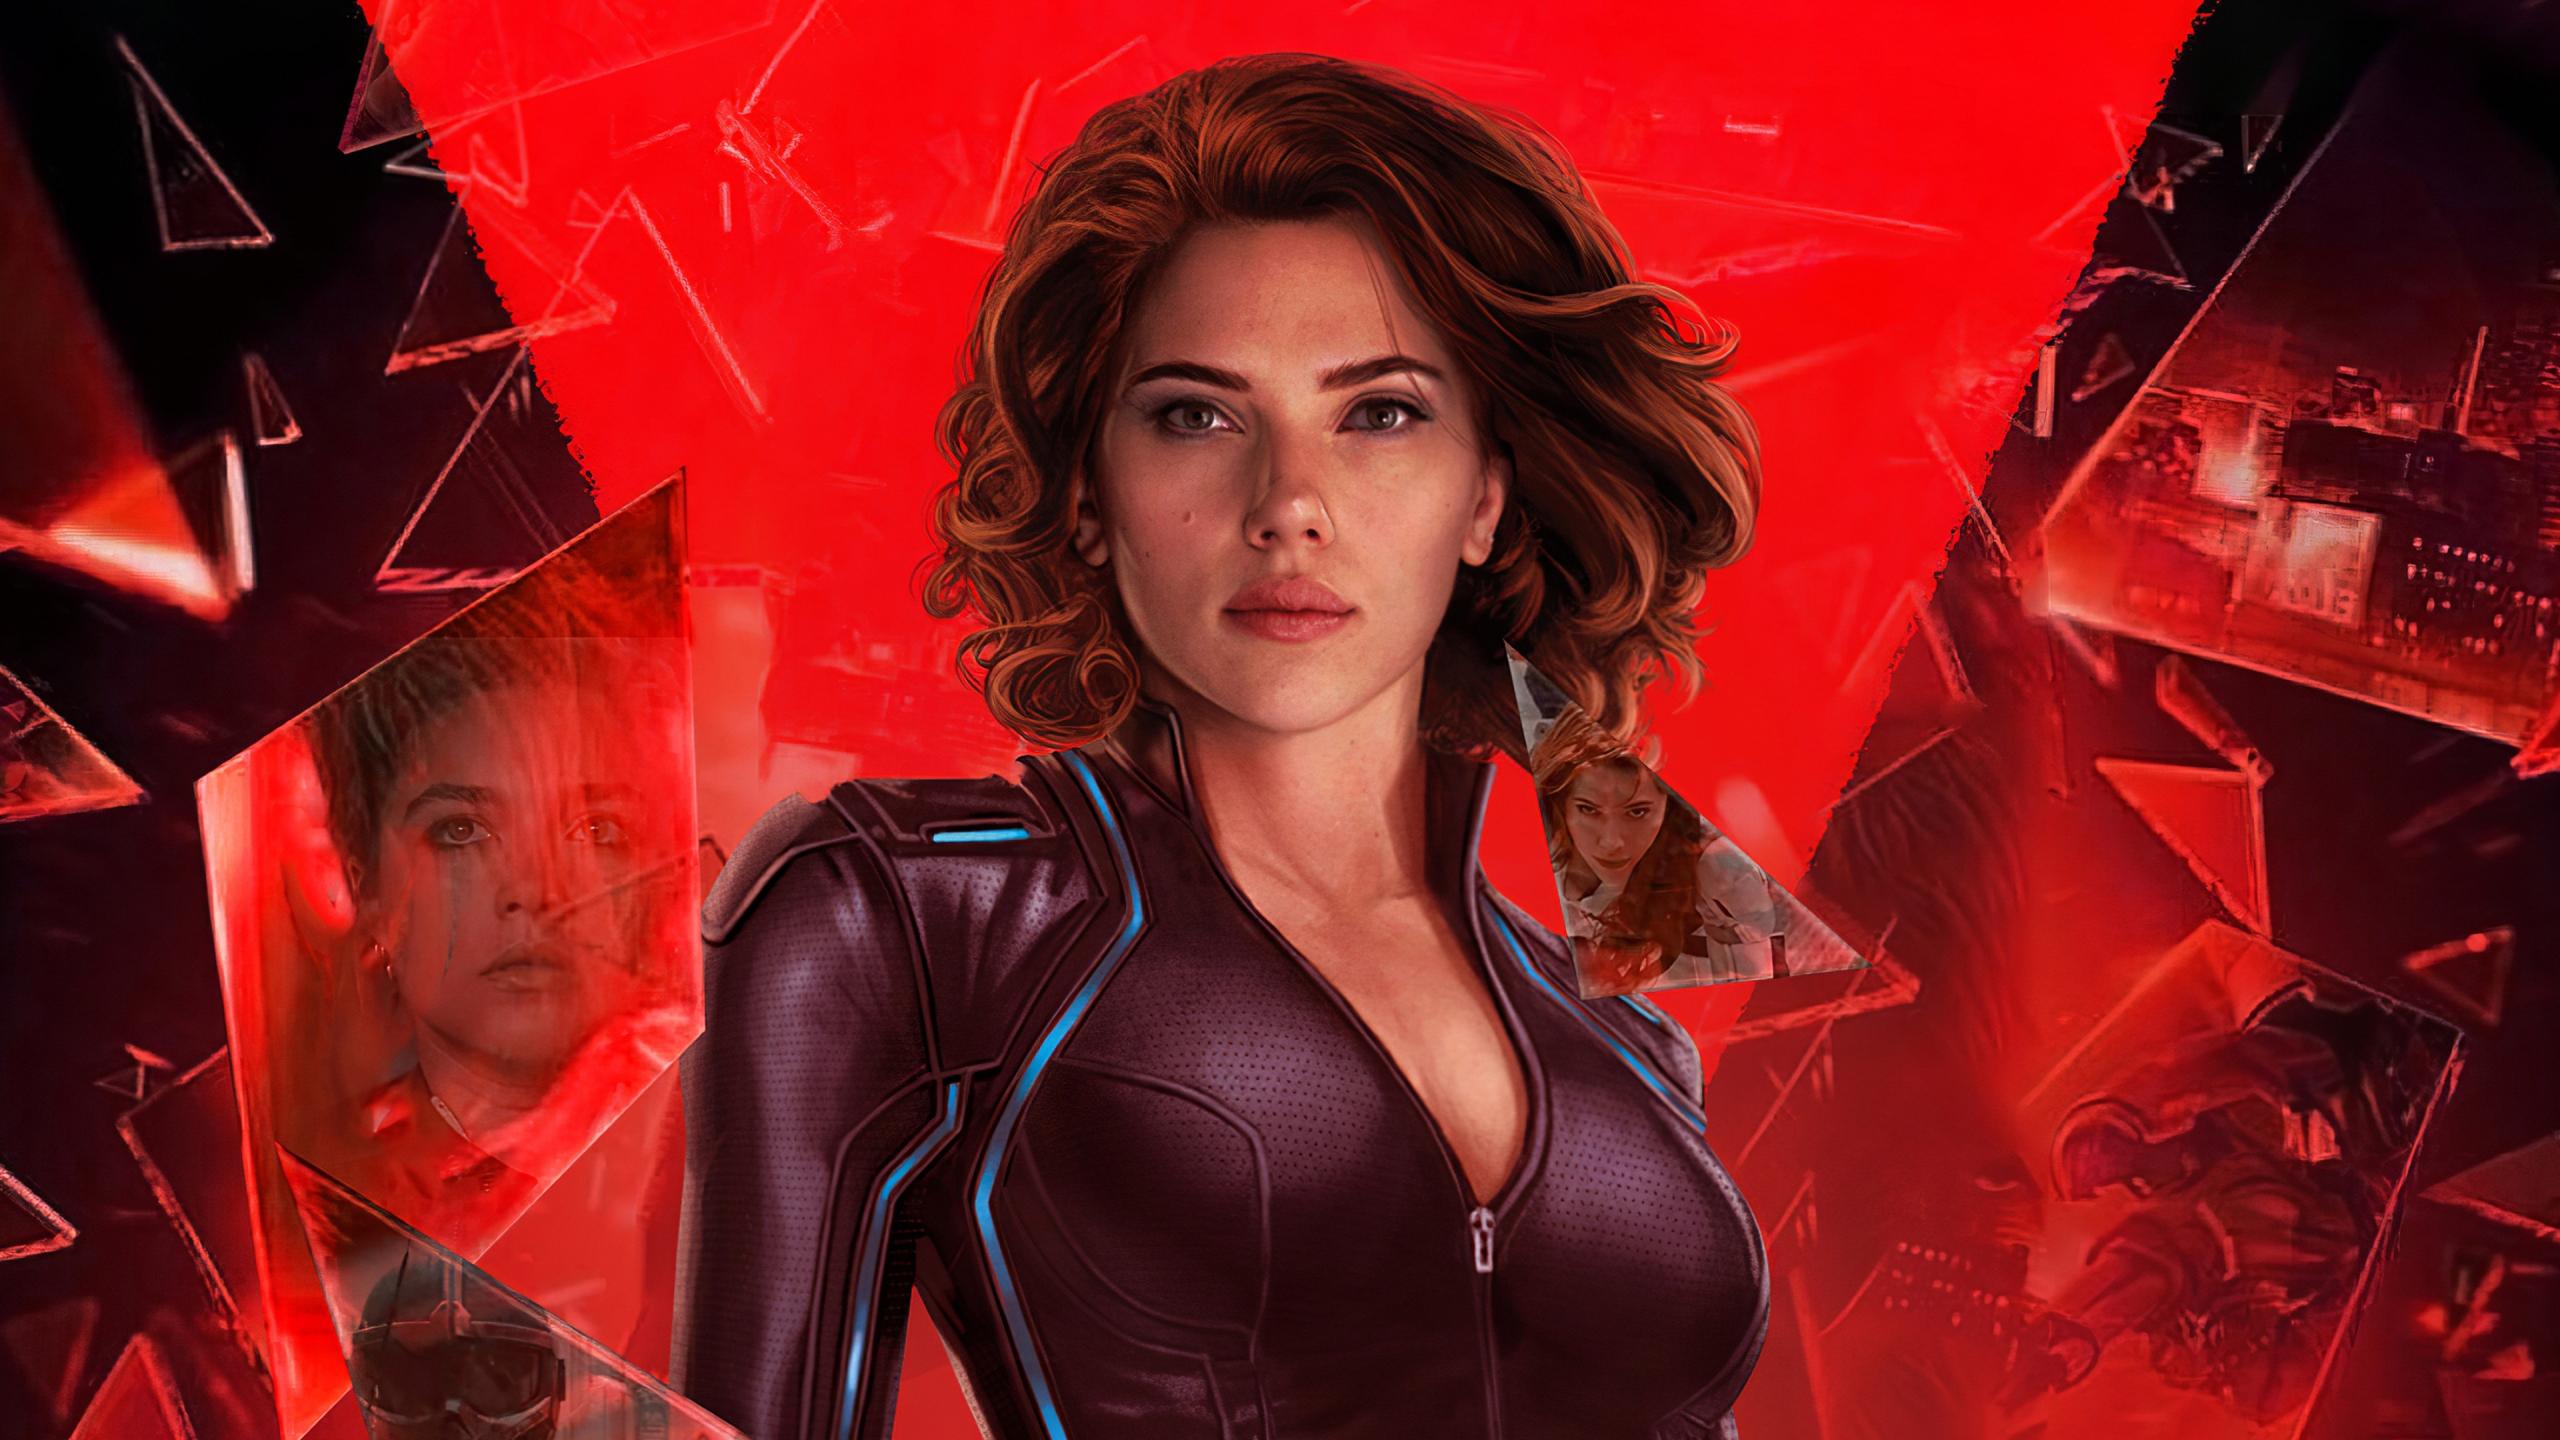 Black Widow Movie Artwork Wallpaper 4k Ultra Hd Id 4516